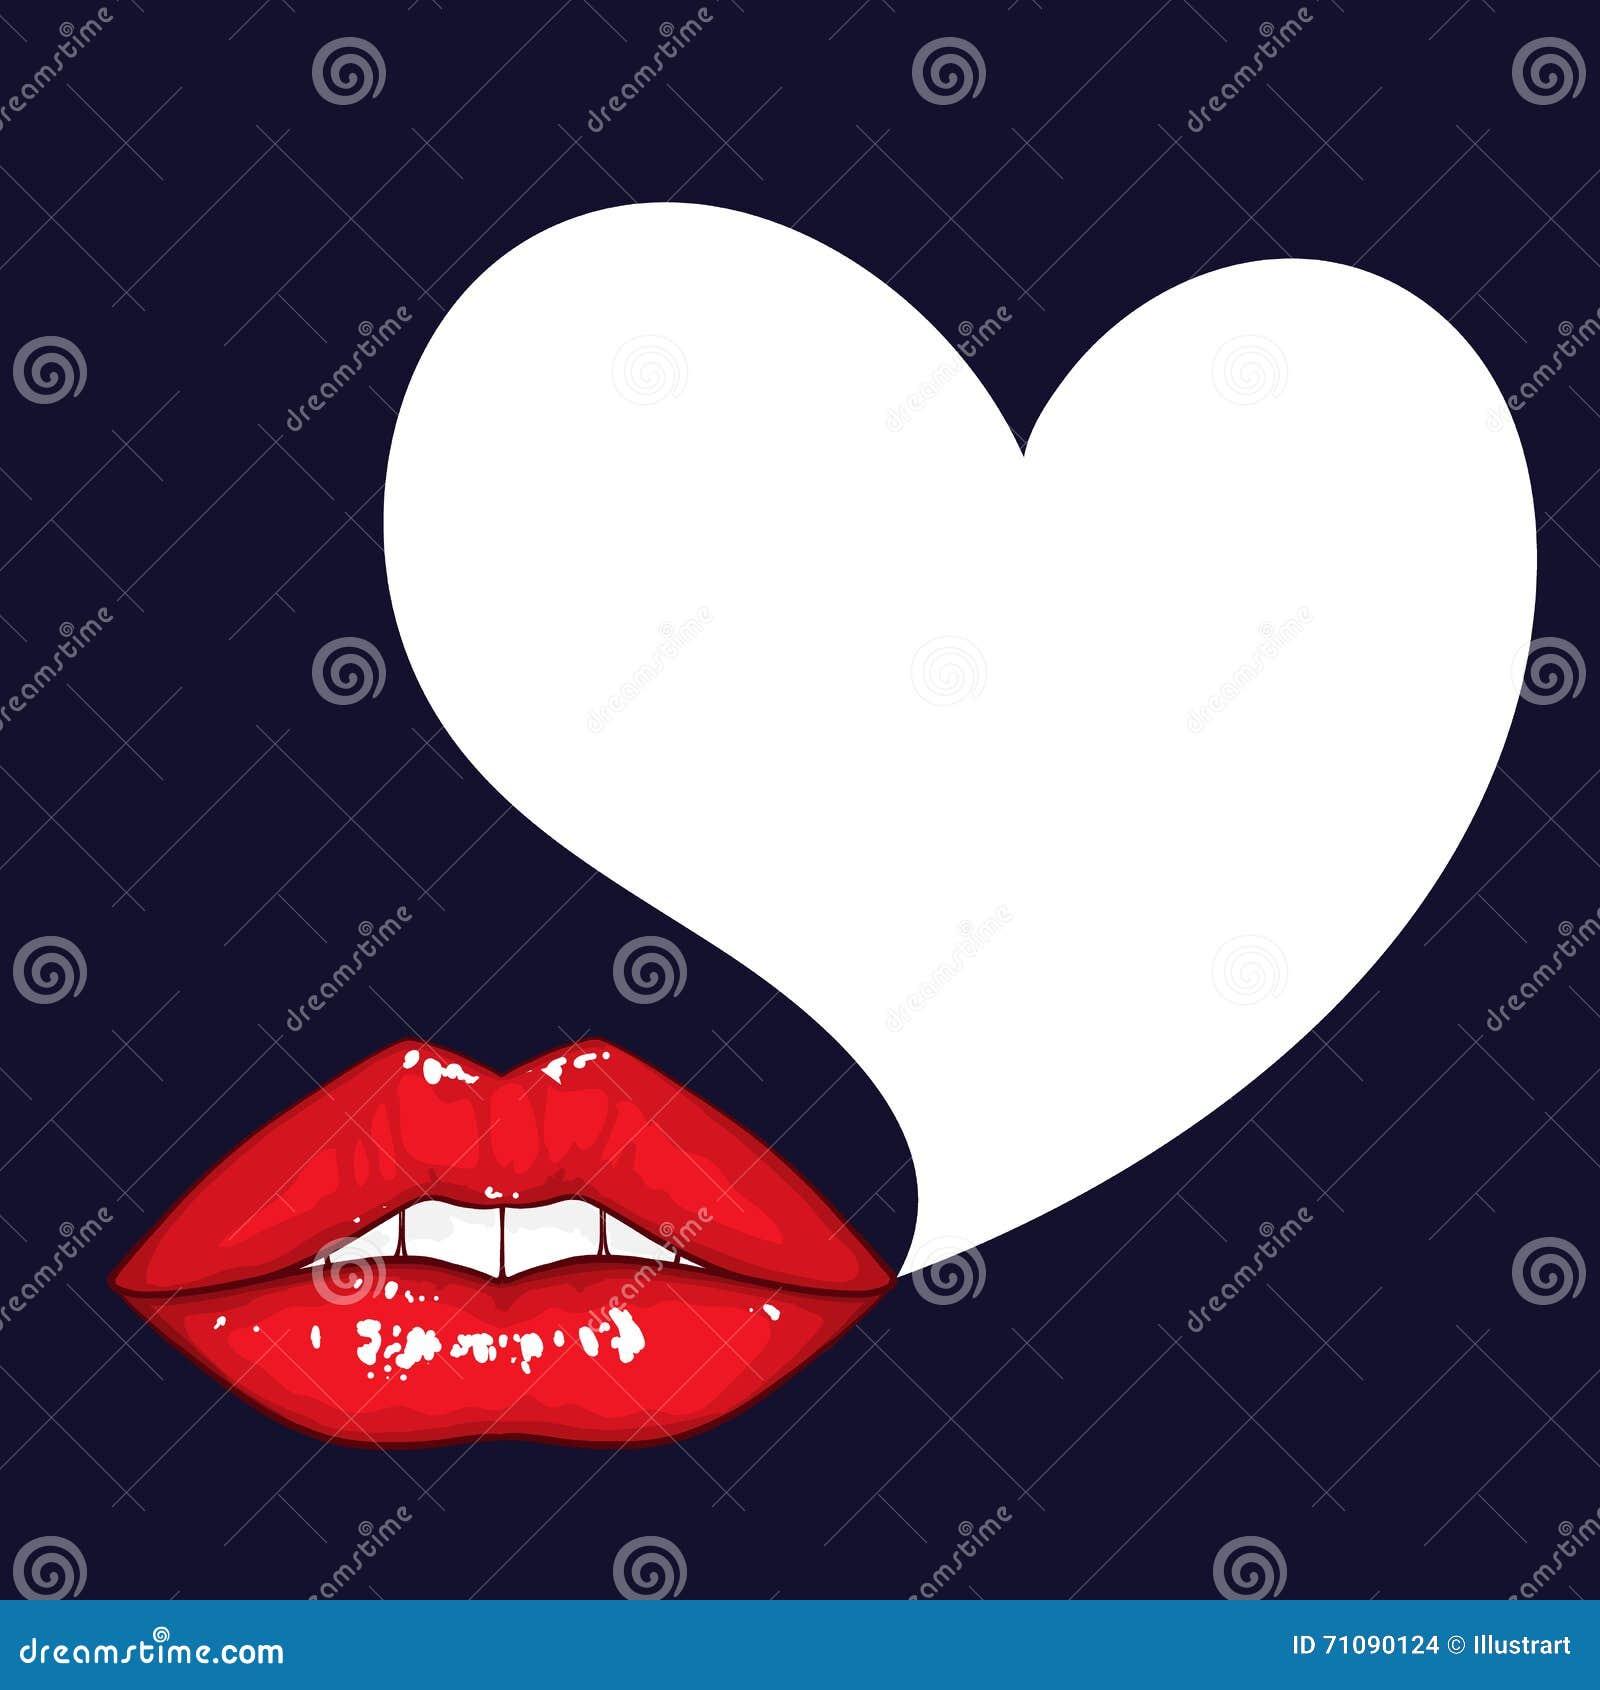 make a speech bubble online dating